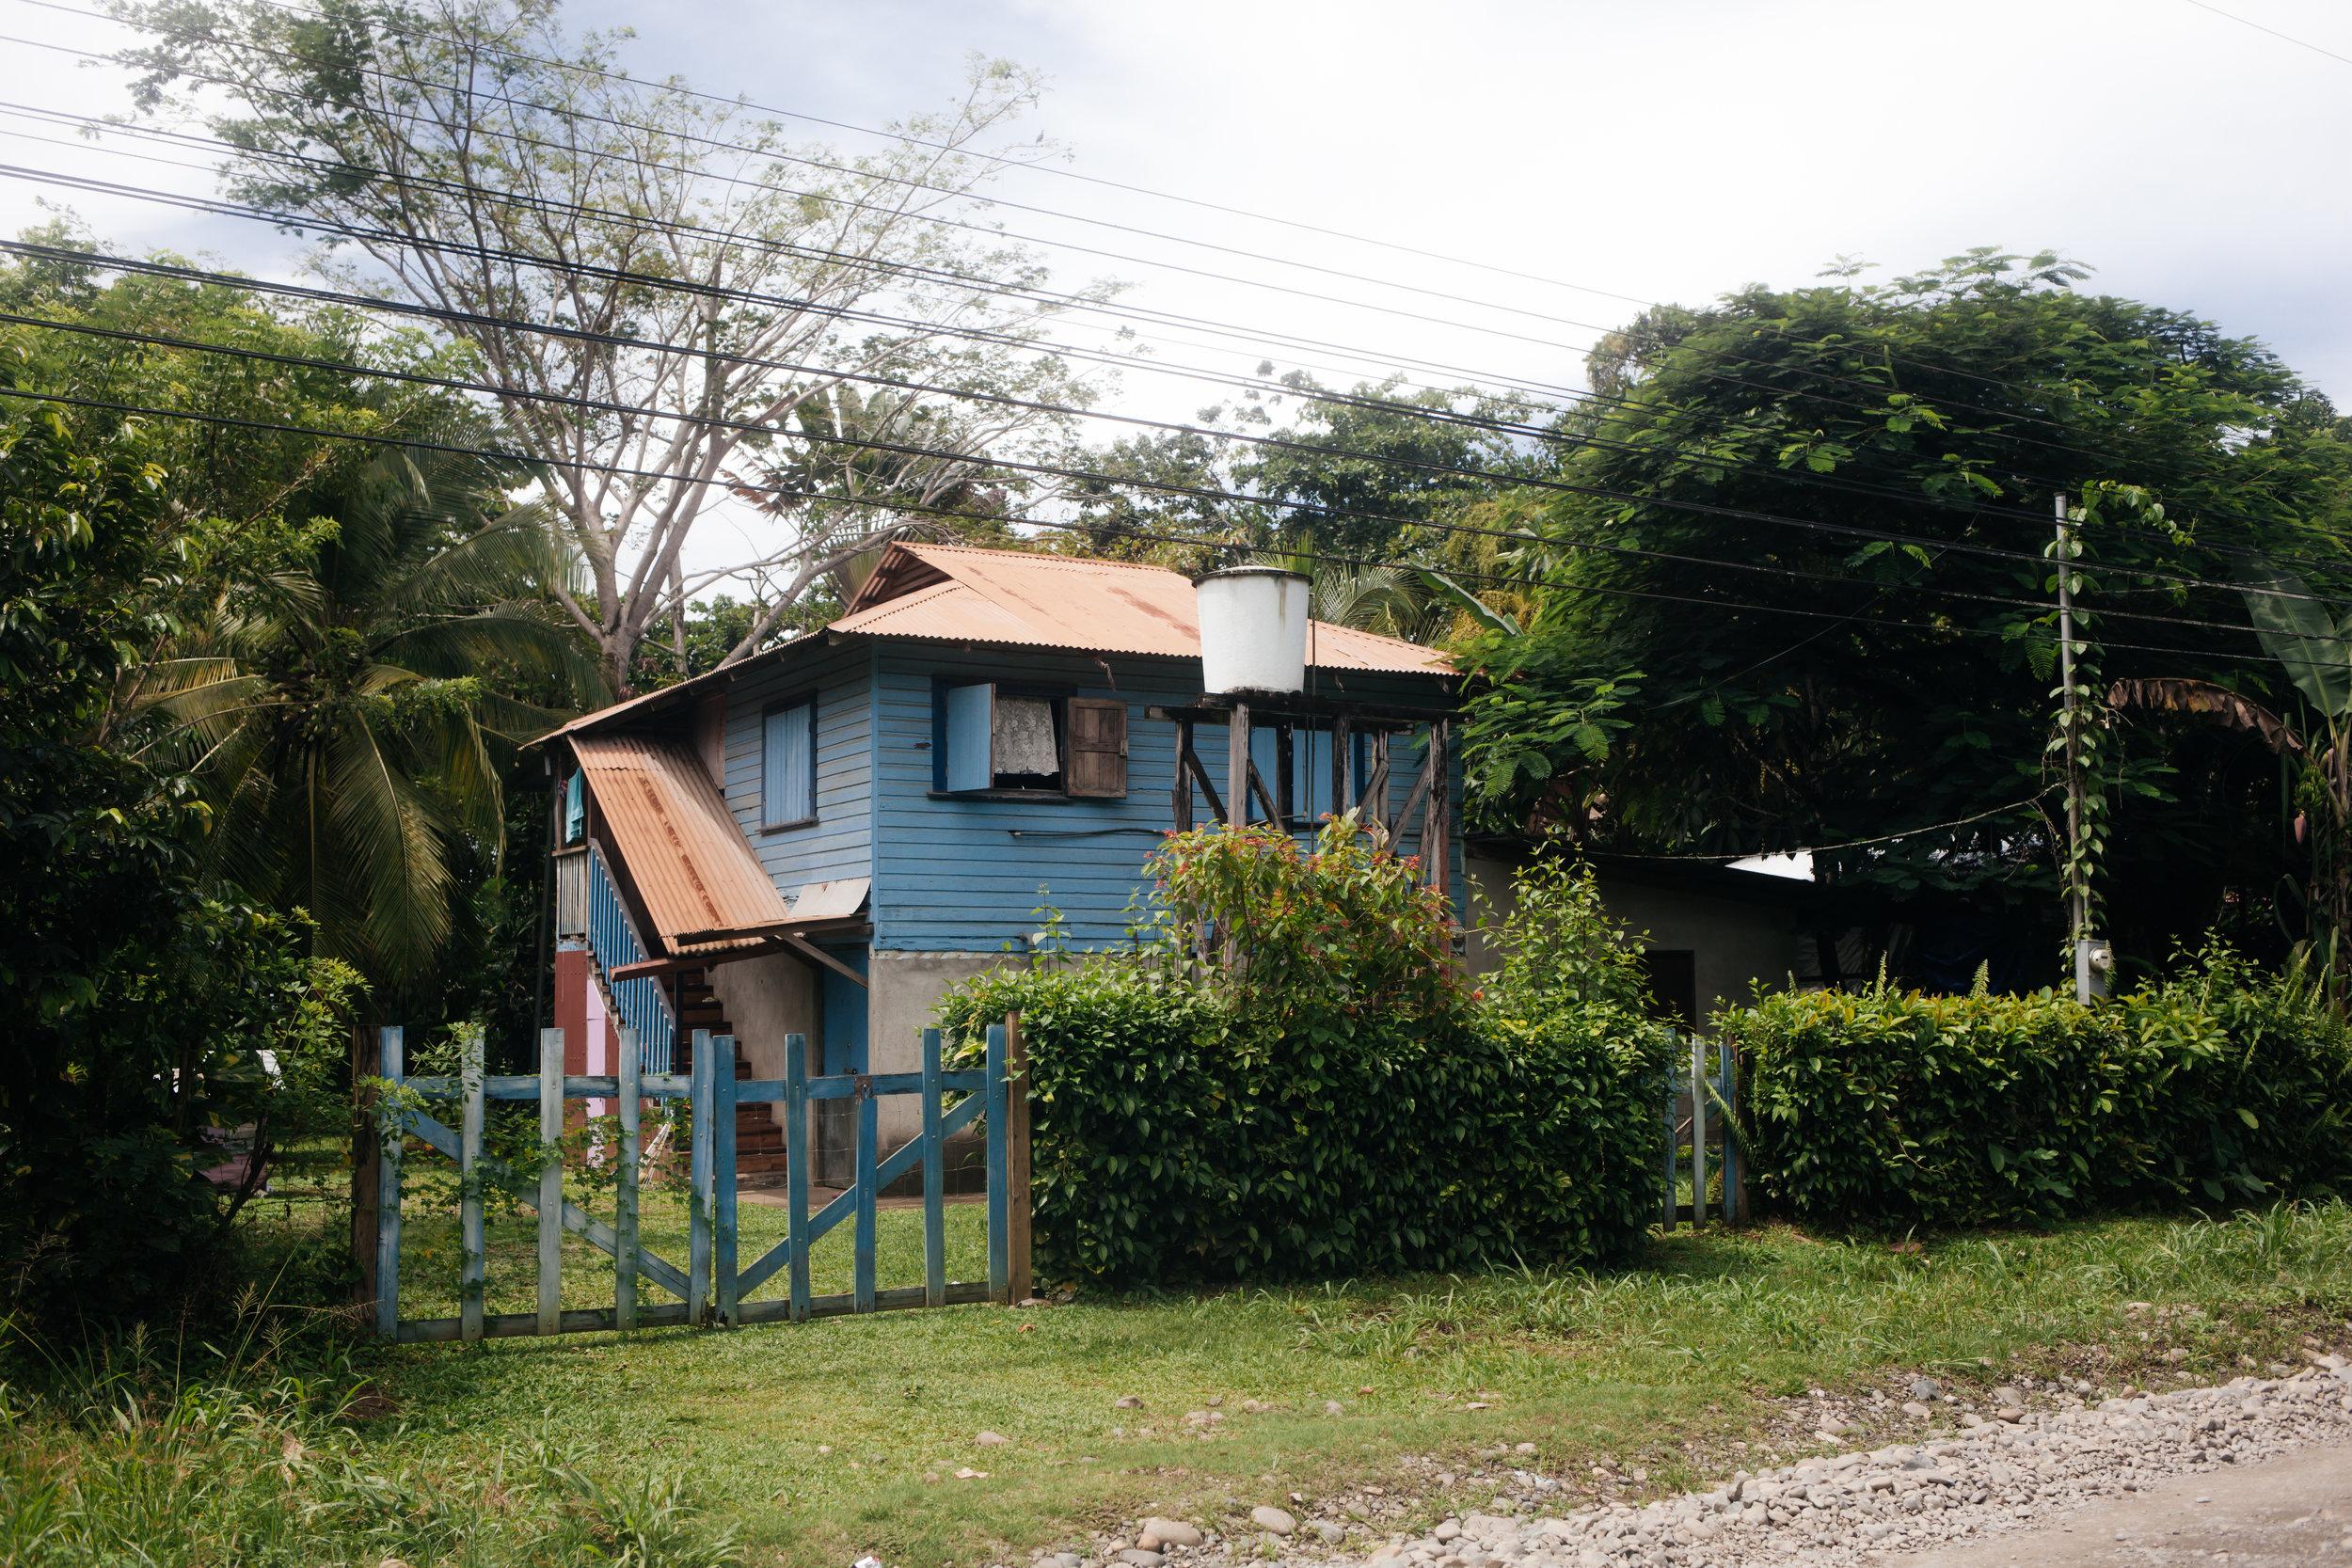 playanegra_costarica (5 of 73).jpg